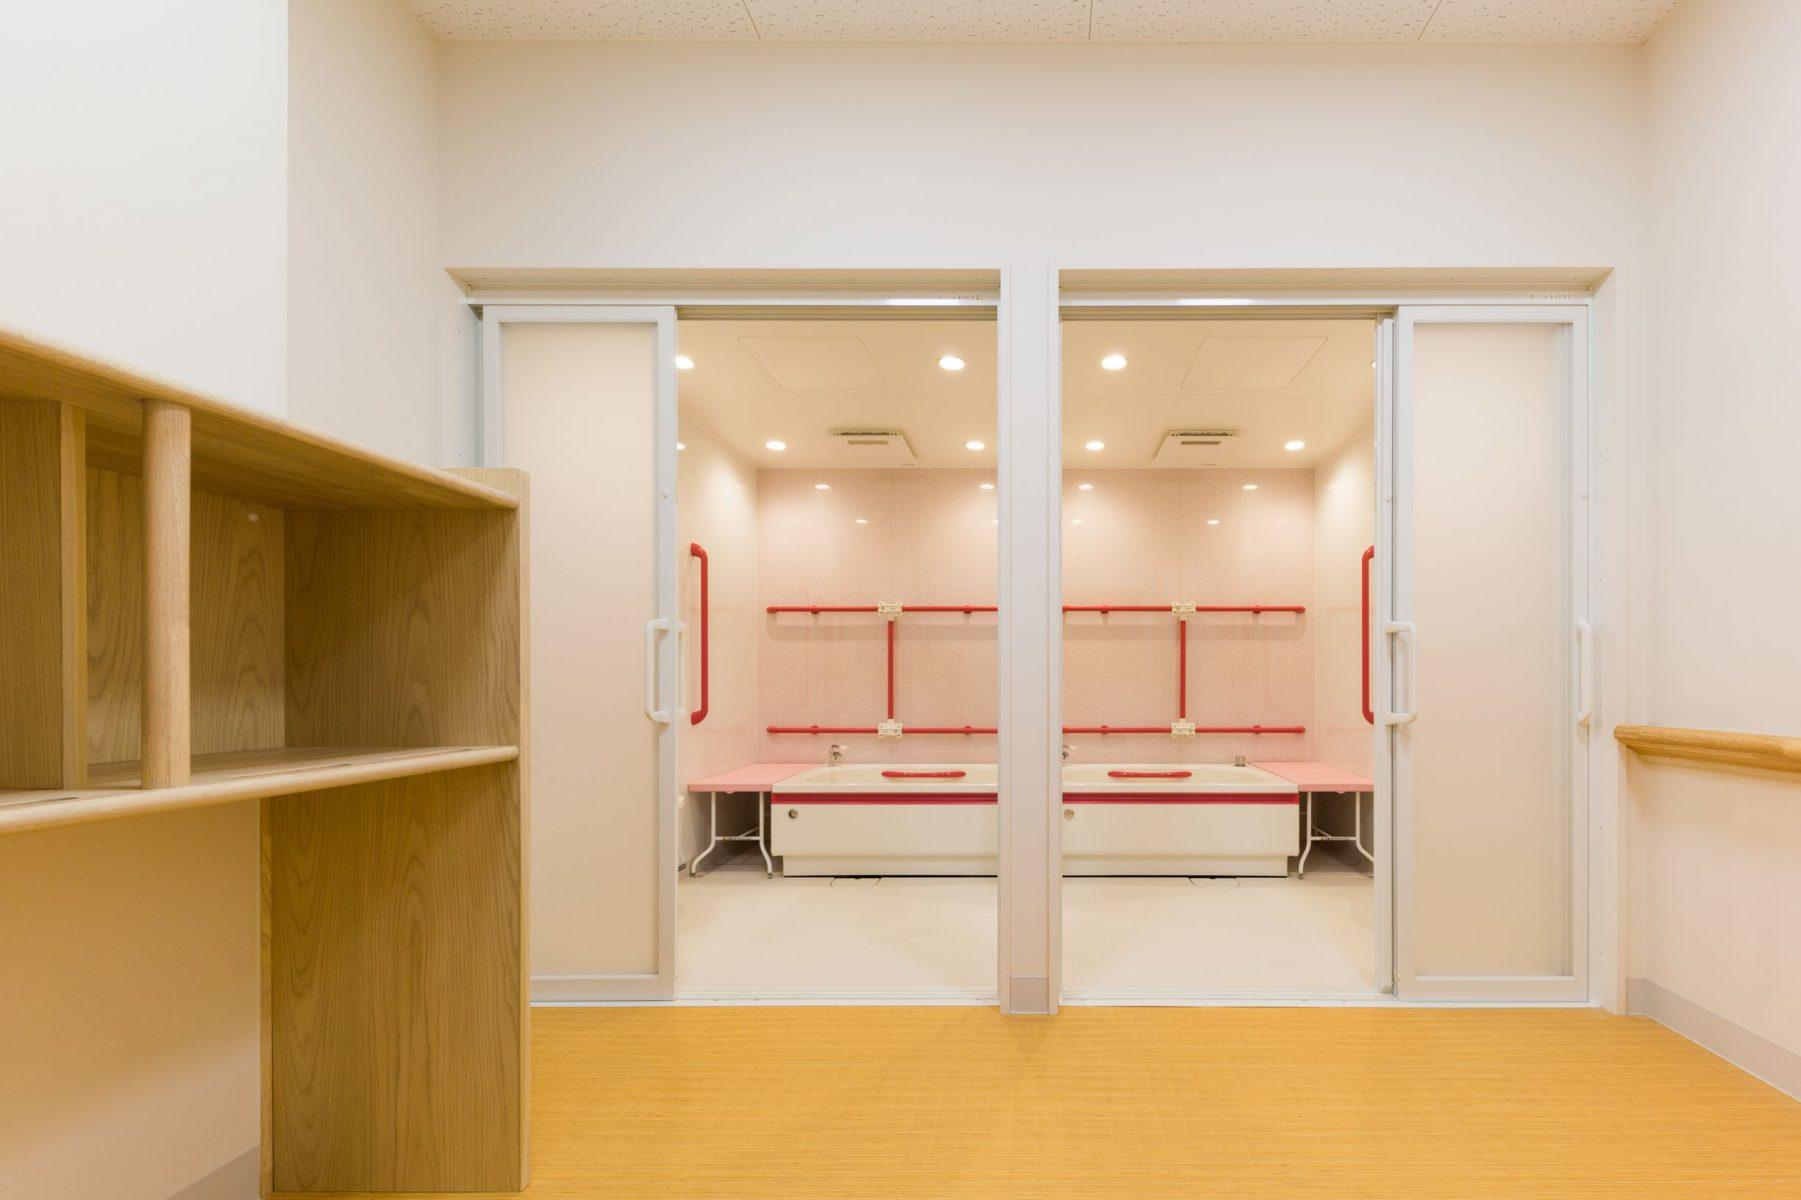 介助浴室:元病室を改修